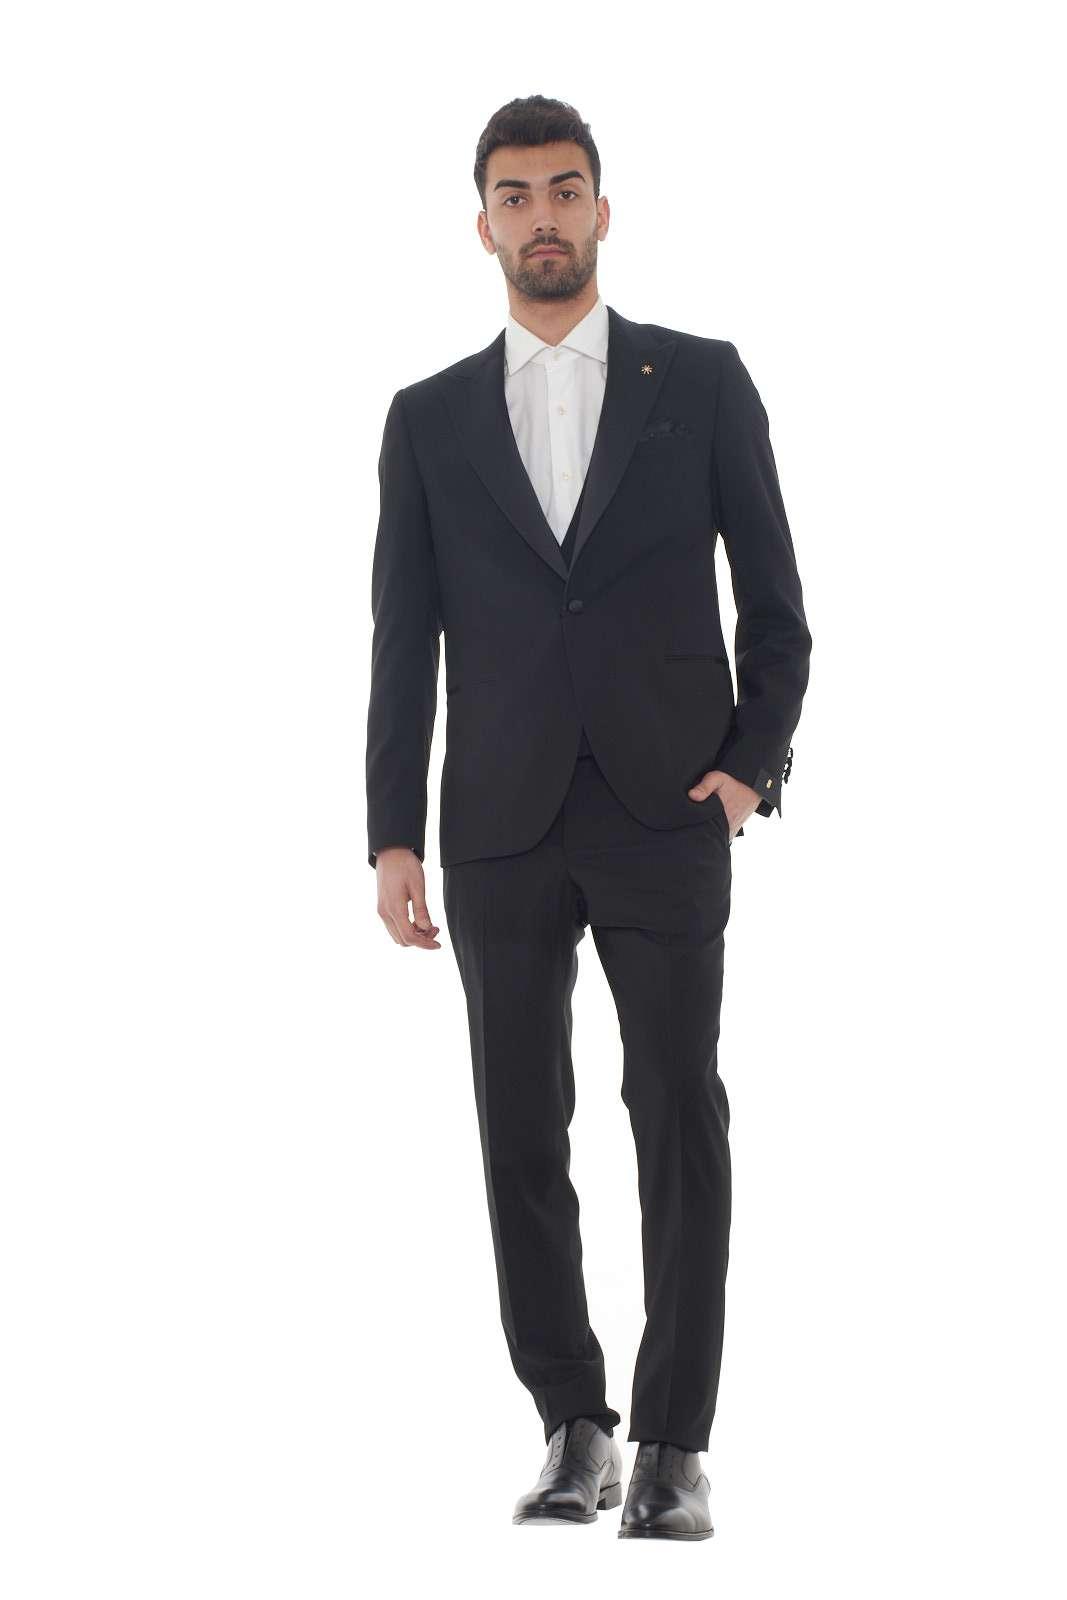 Il classico dell'eleganza, l'abito uomo firmato Manuel Ritz conquista tutti gli stili. I dettagli in tessuto lucido sono un must di questo capo elegante e raffinato. Da indossare nelle occasioni più formali, è un evergreen. Il modello è alto 1.80m e indossa la taglia 48.